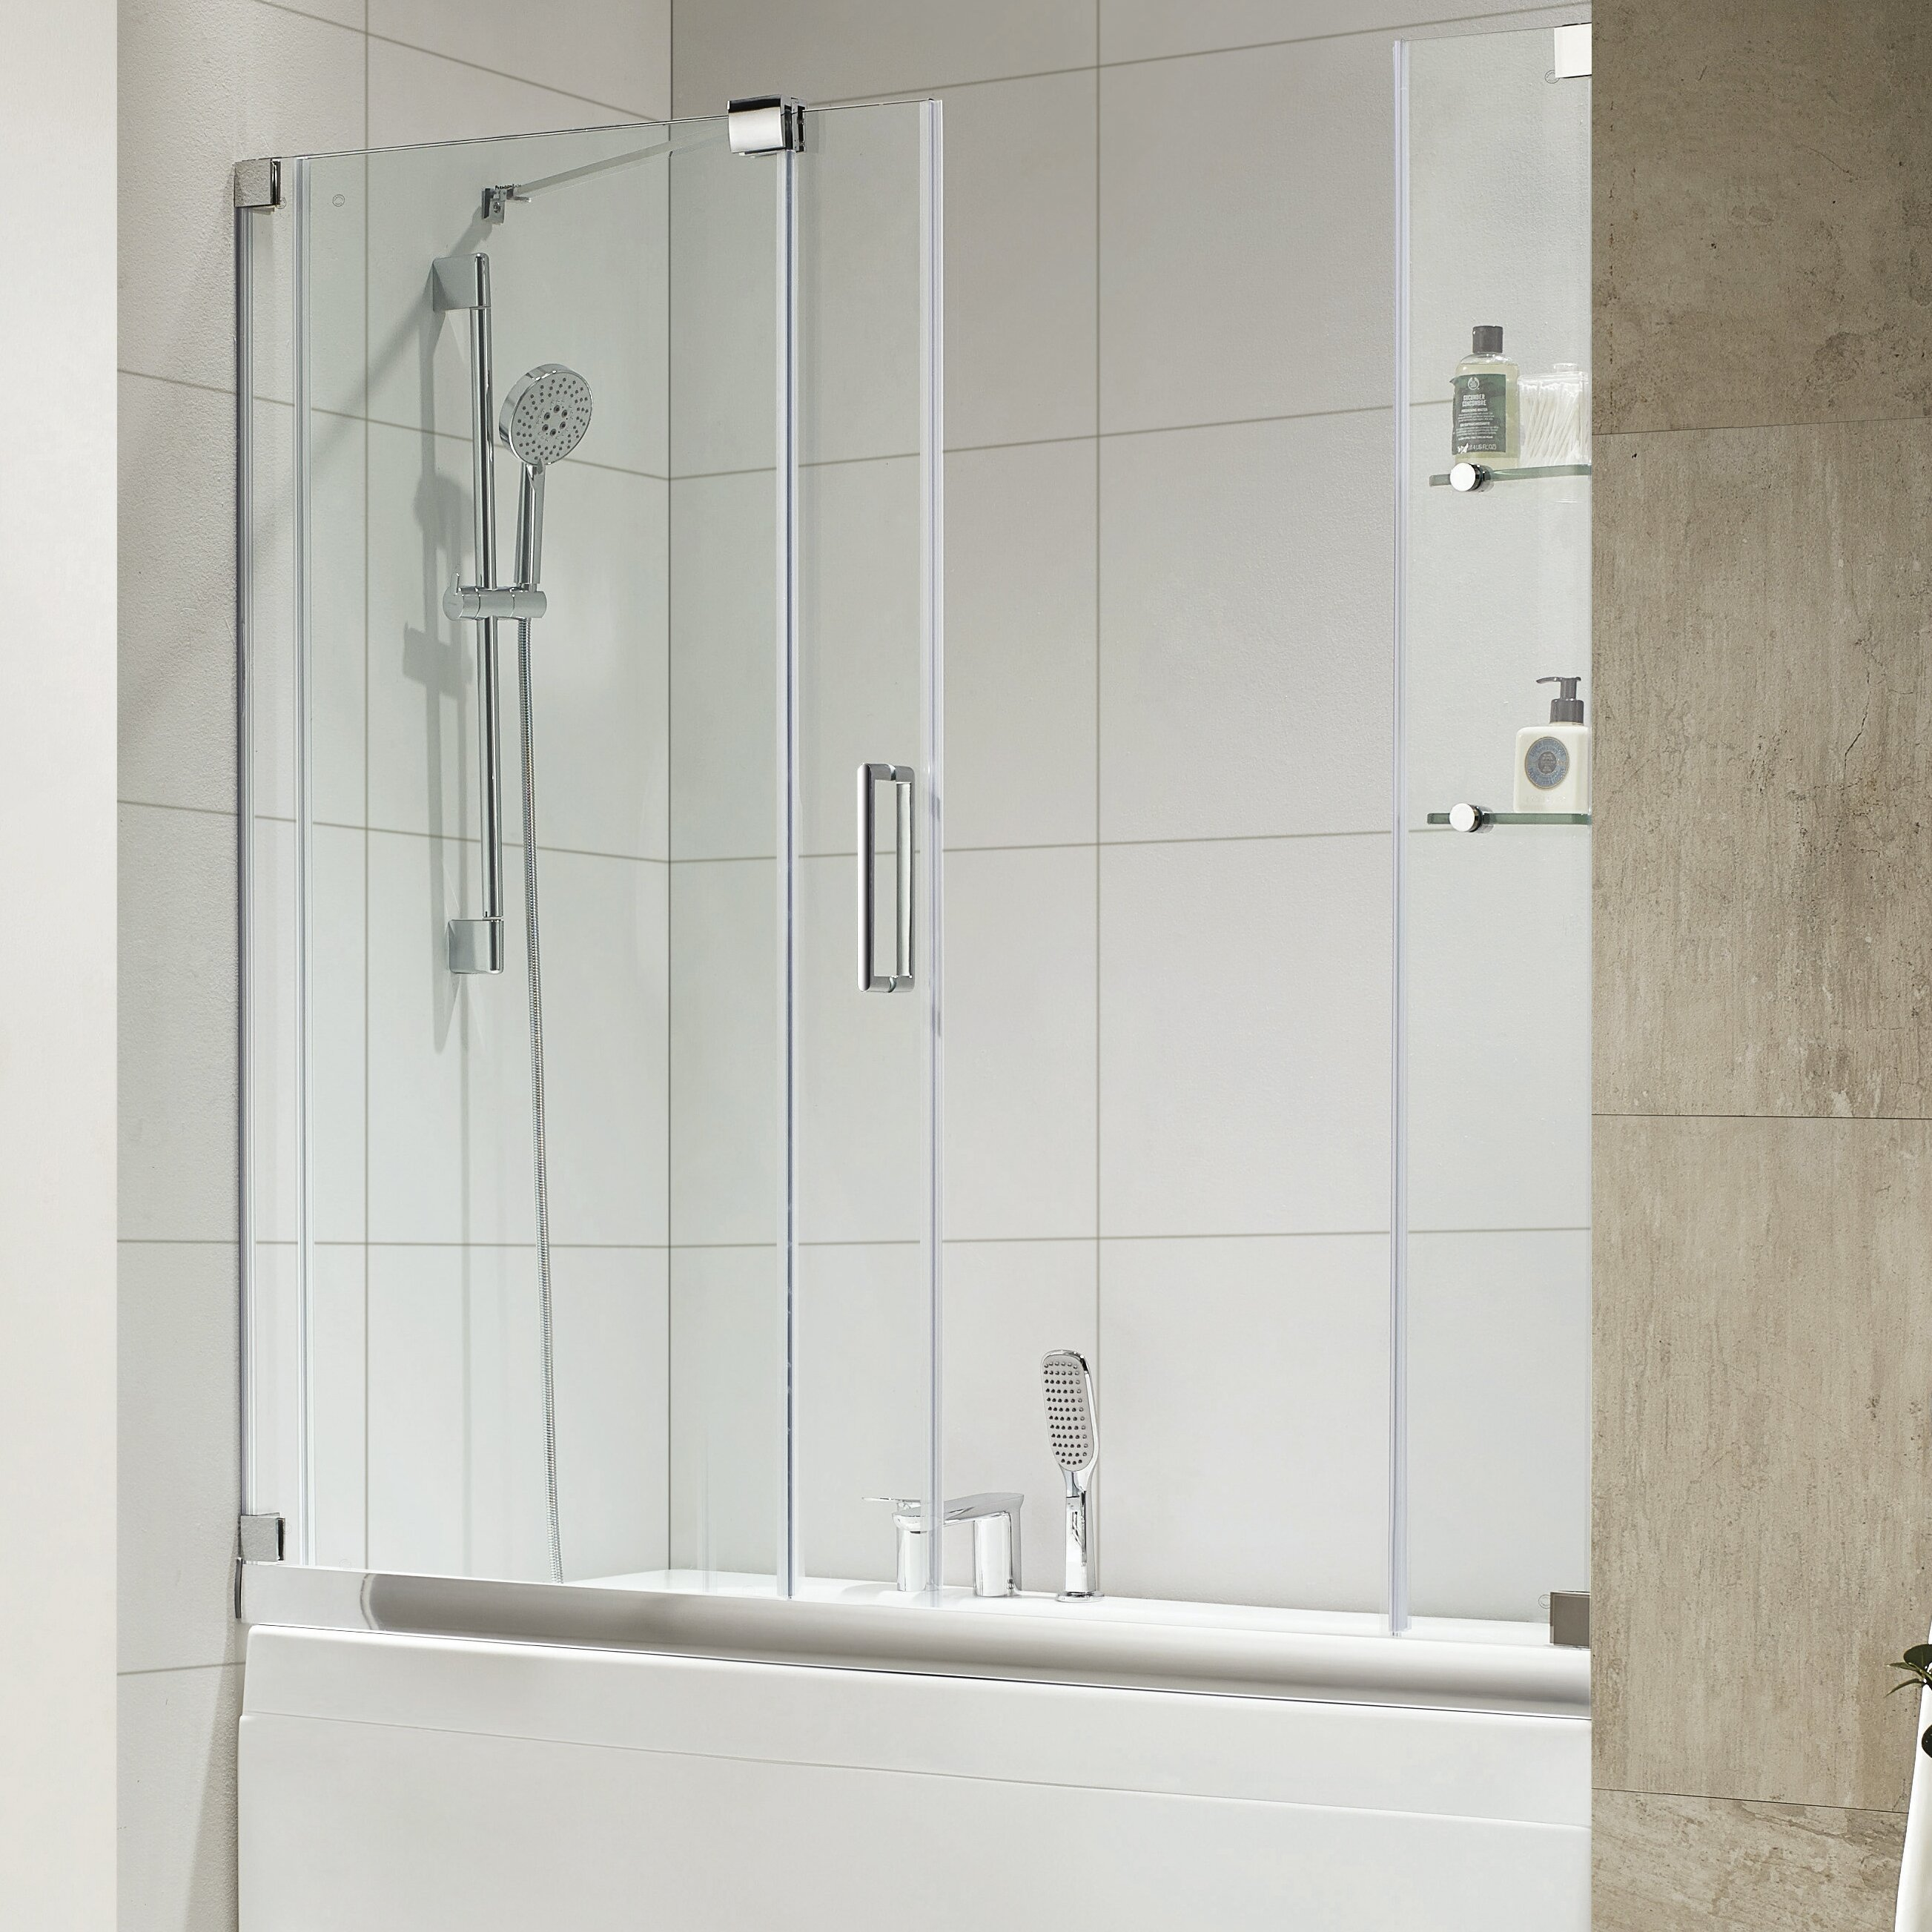 Frameless sliding tub doors -  Door Wet Republic Oasis E 58 X 60 Single Sliding Frameless Tub